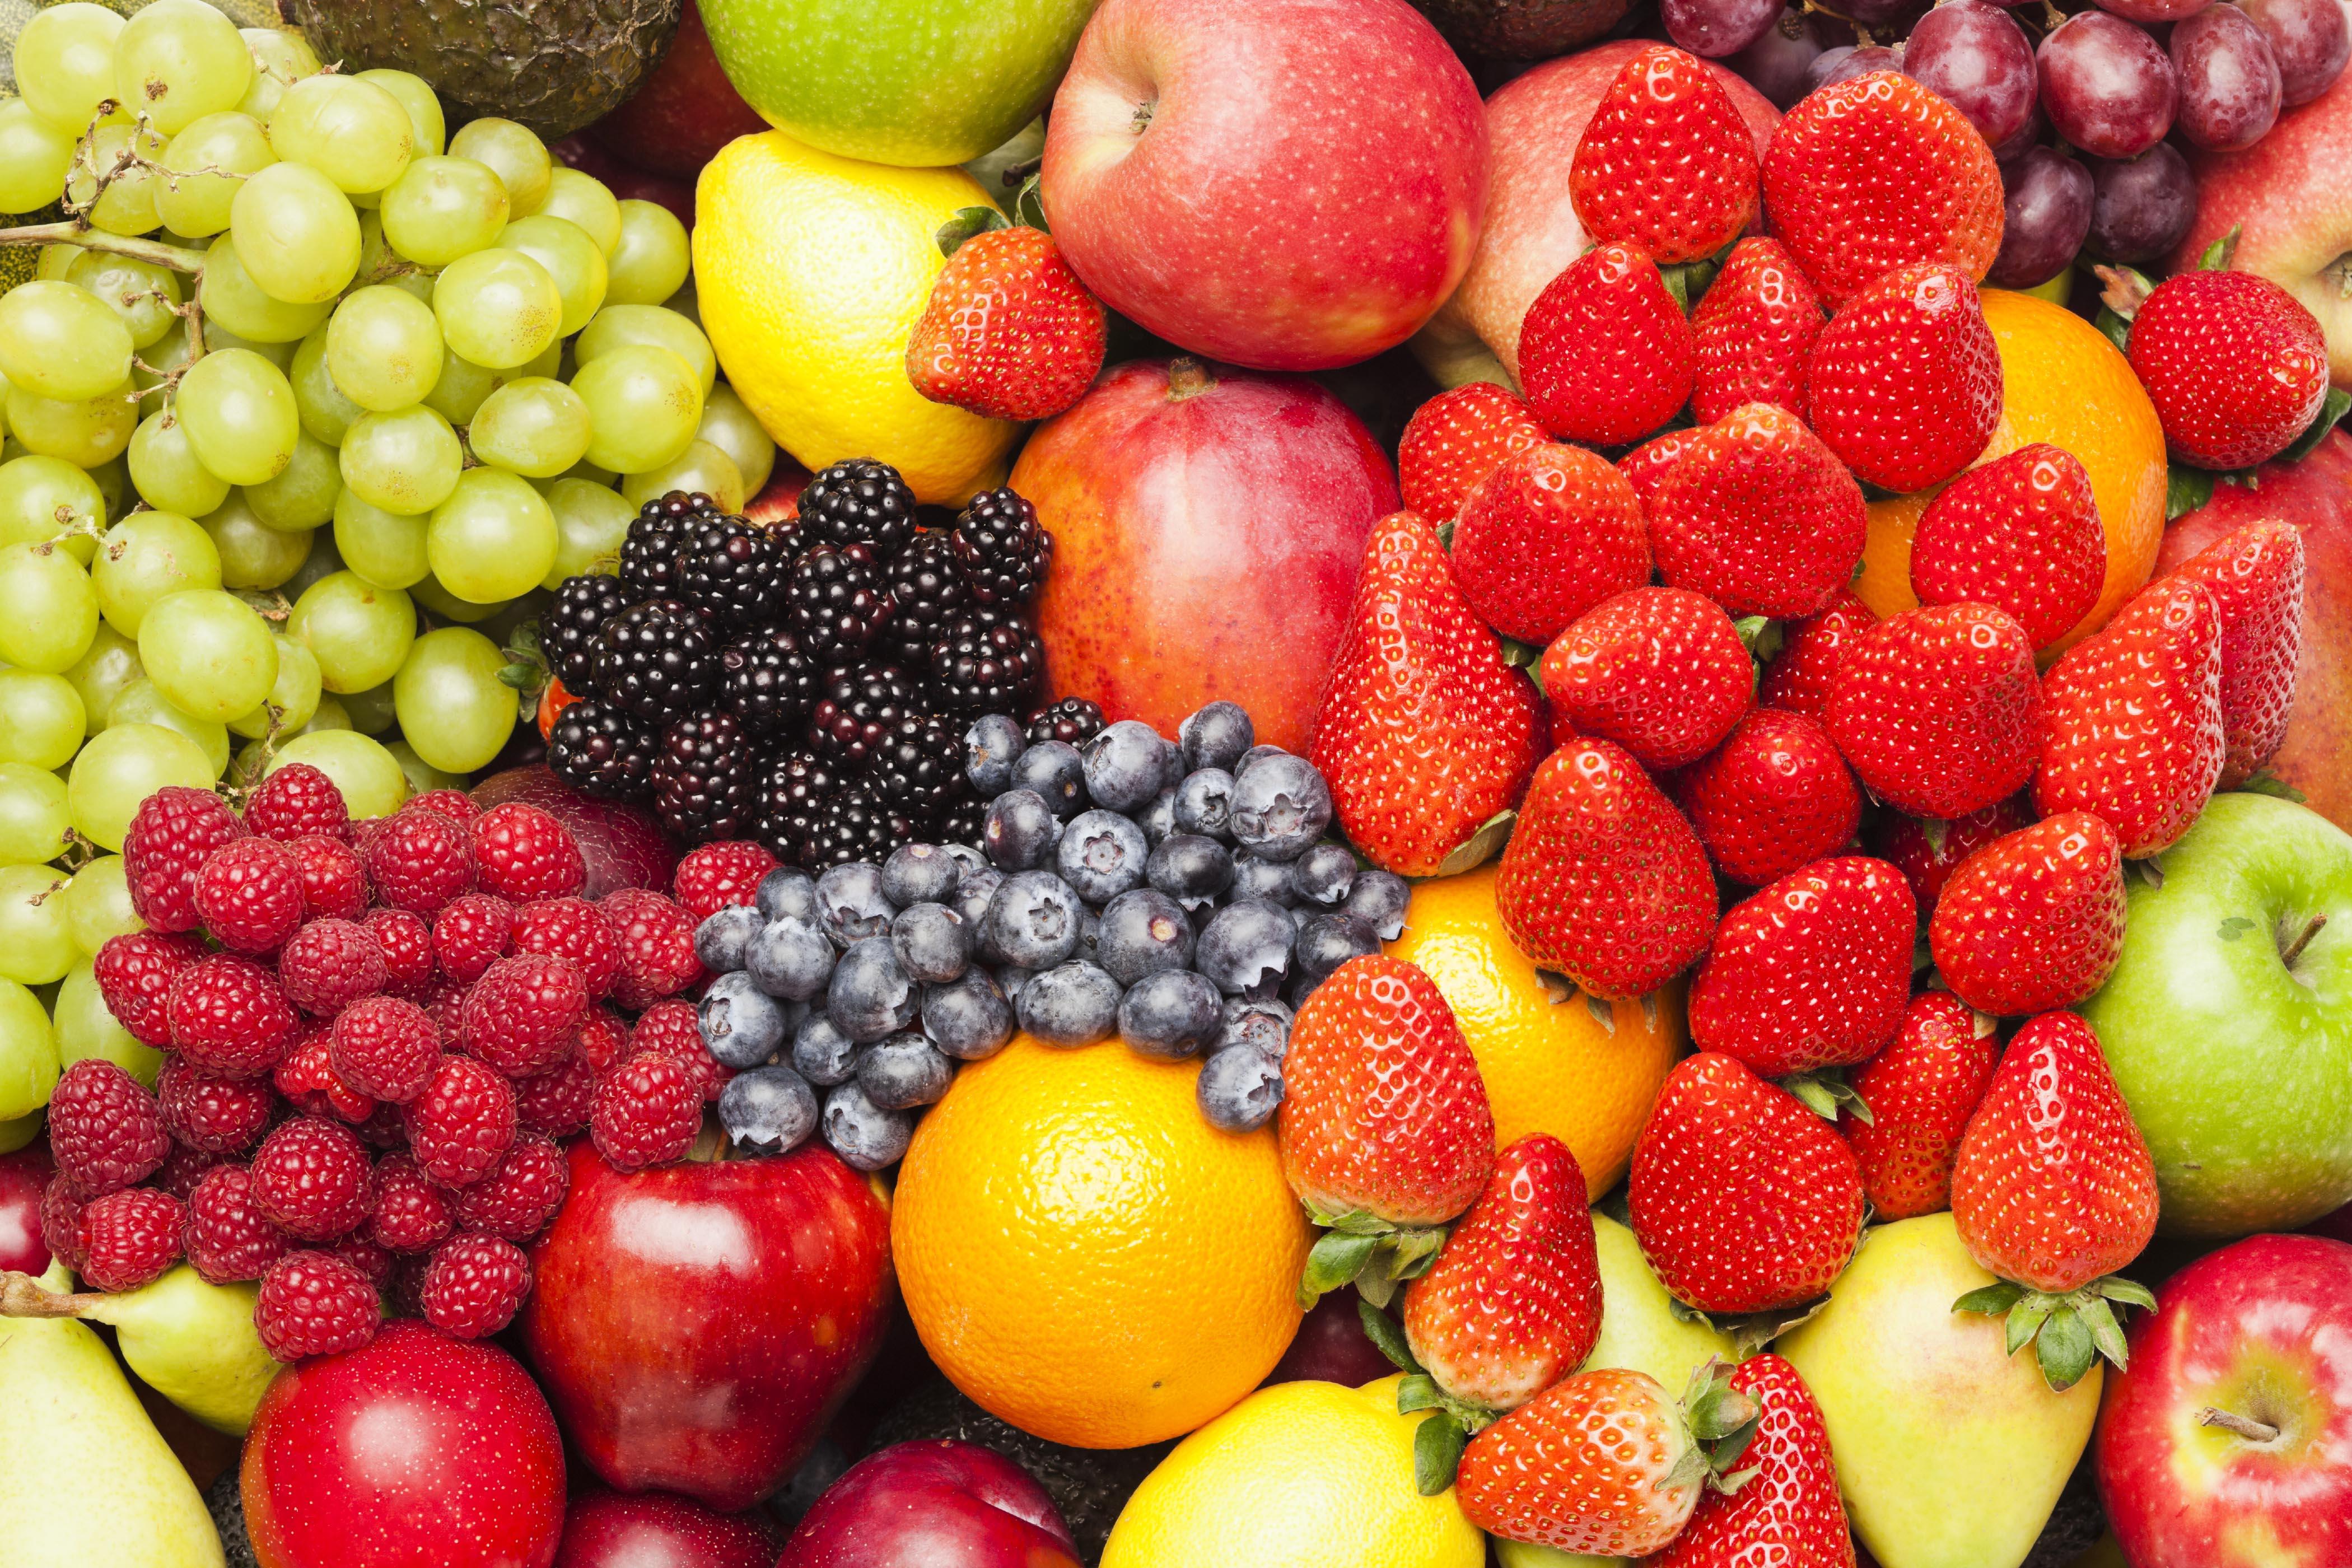 5 ویتامین که باعث لاغری و افزایش سوخت وساز بدن میشود